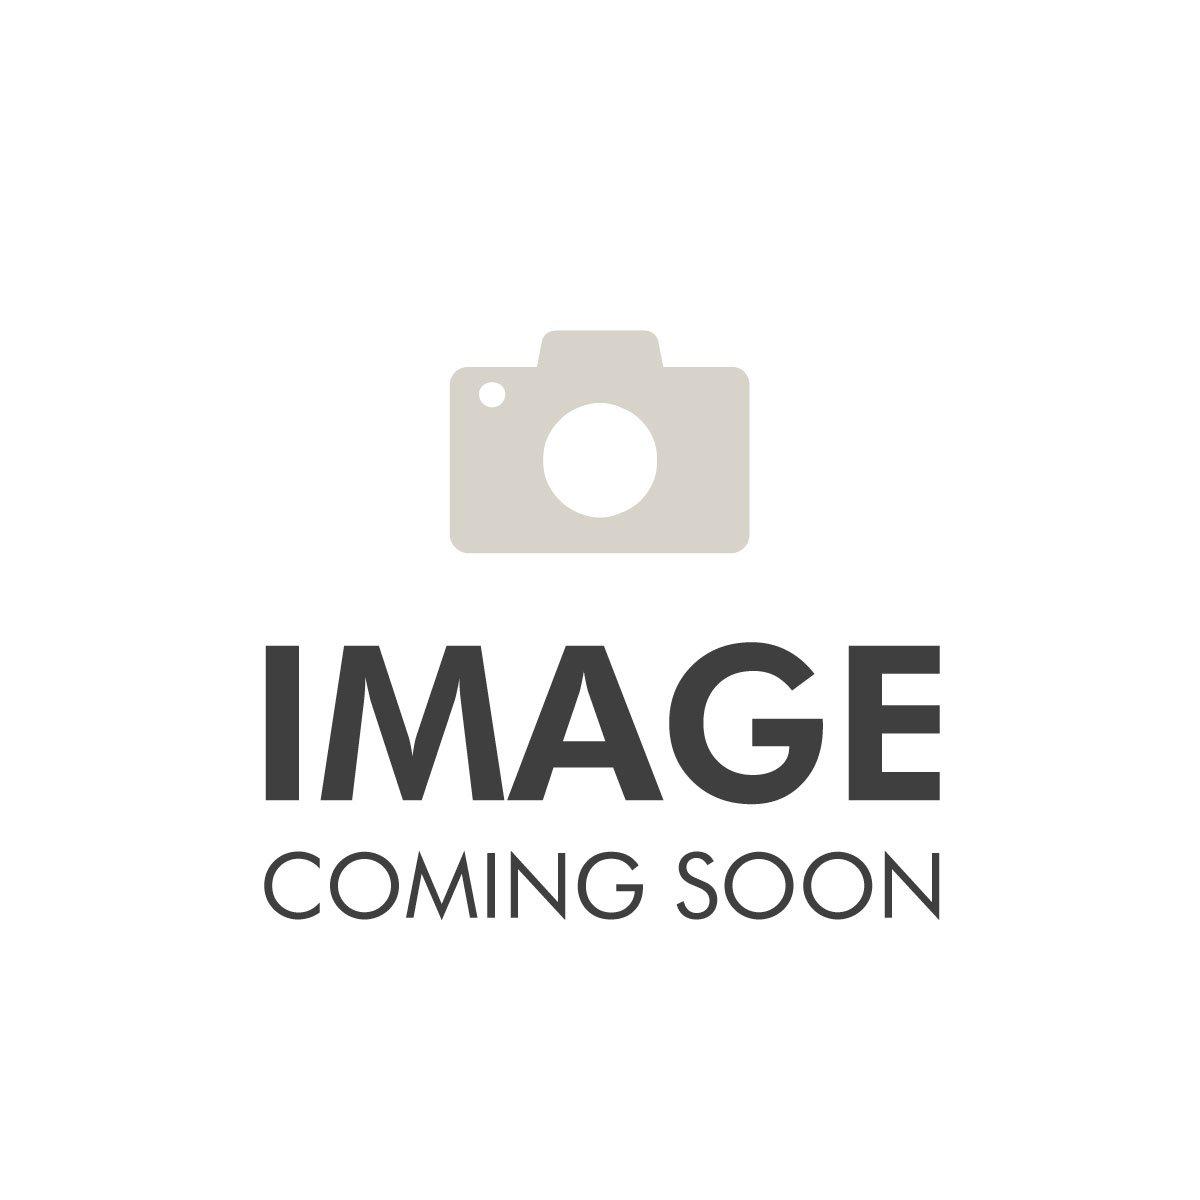 Beyonce Beyoncé Beyonce Beyonce Heat 30ml Eau de Parfum Spray, 75ml Gold Sparkling Body Lotion and 75ml Pearl Exfoliating Shower Gel